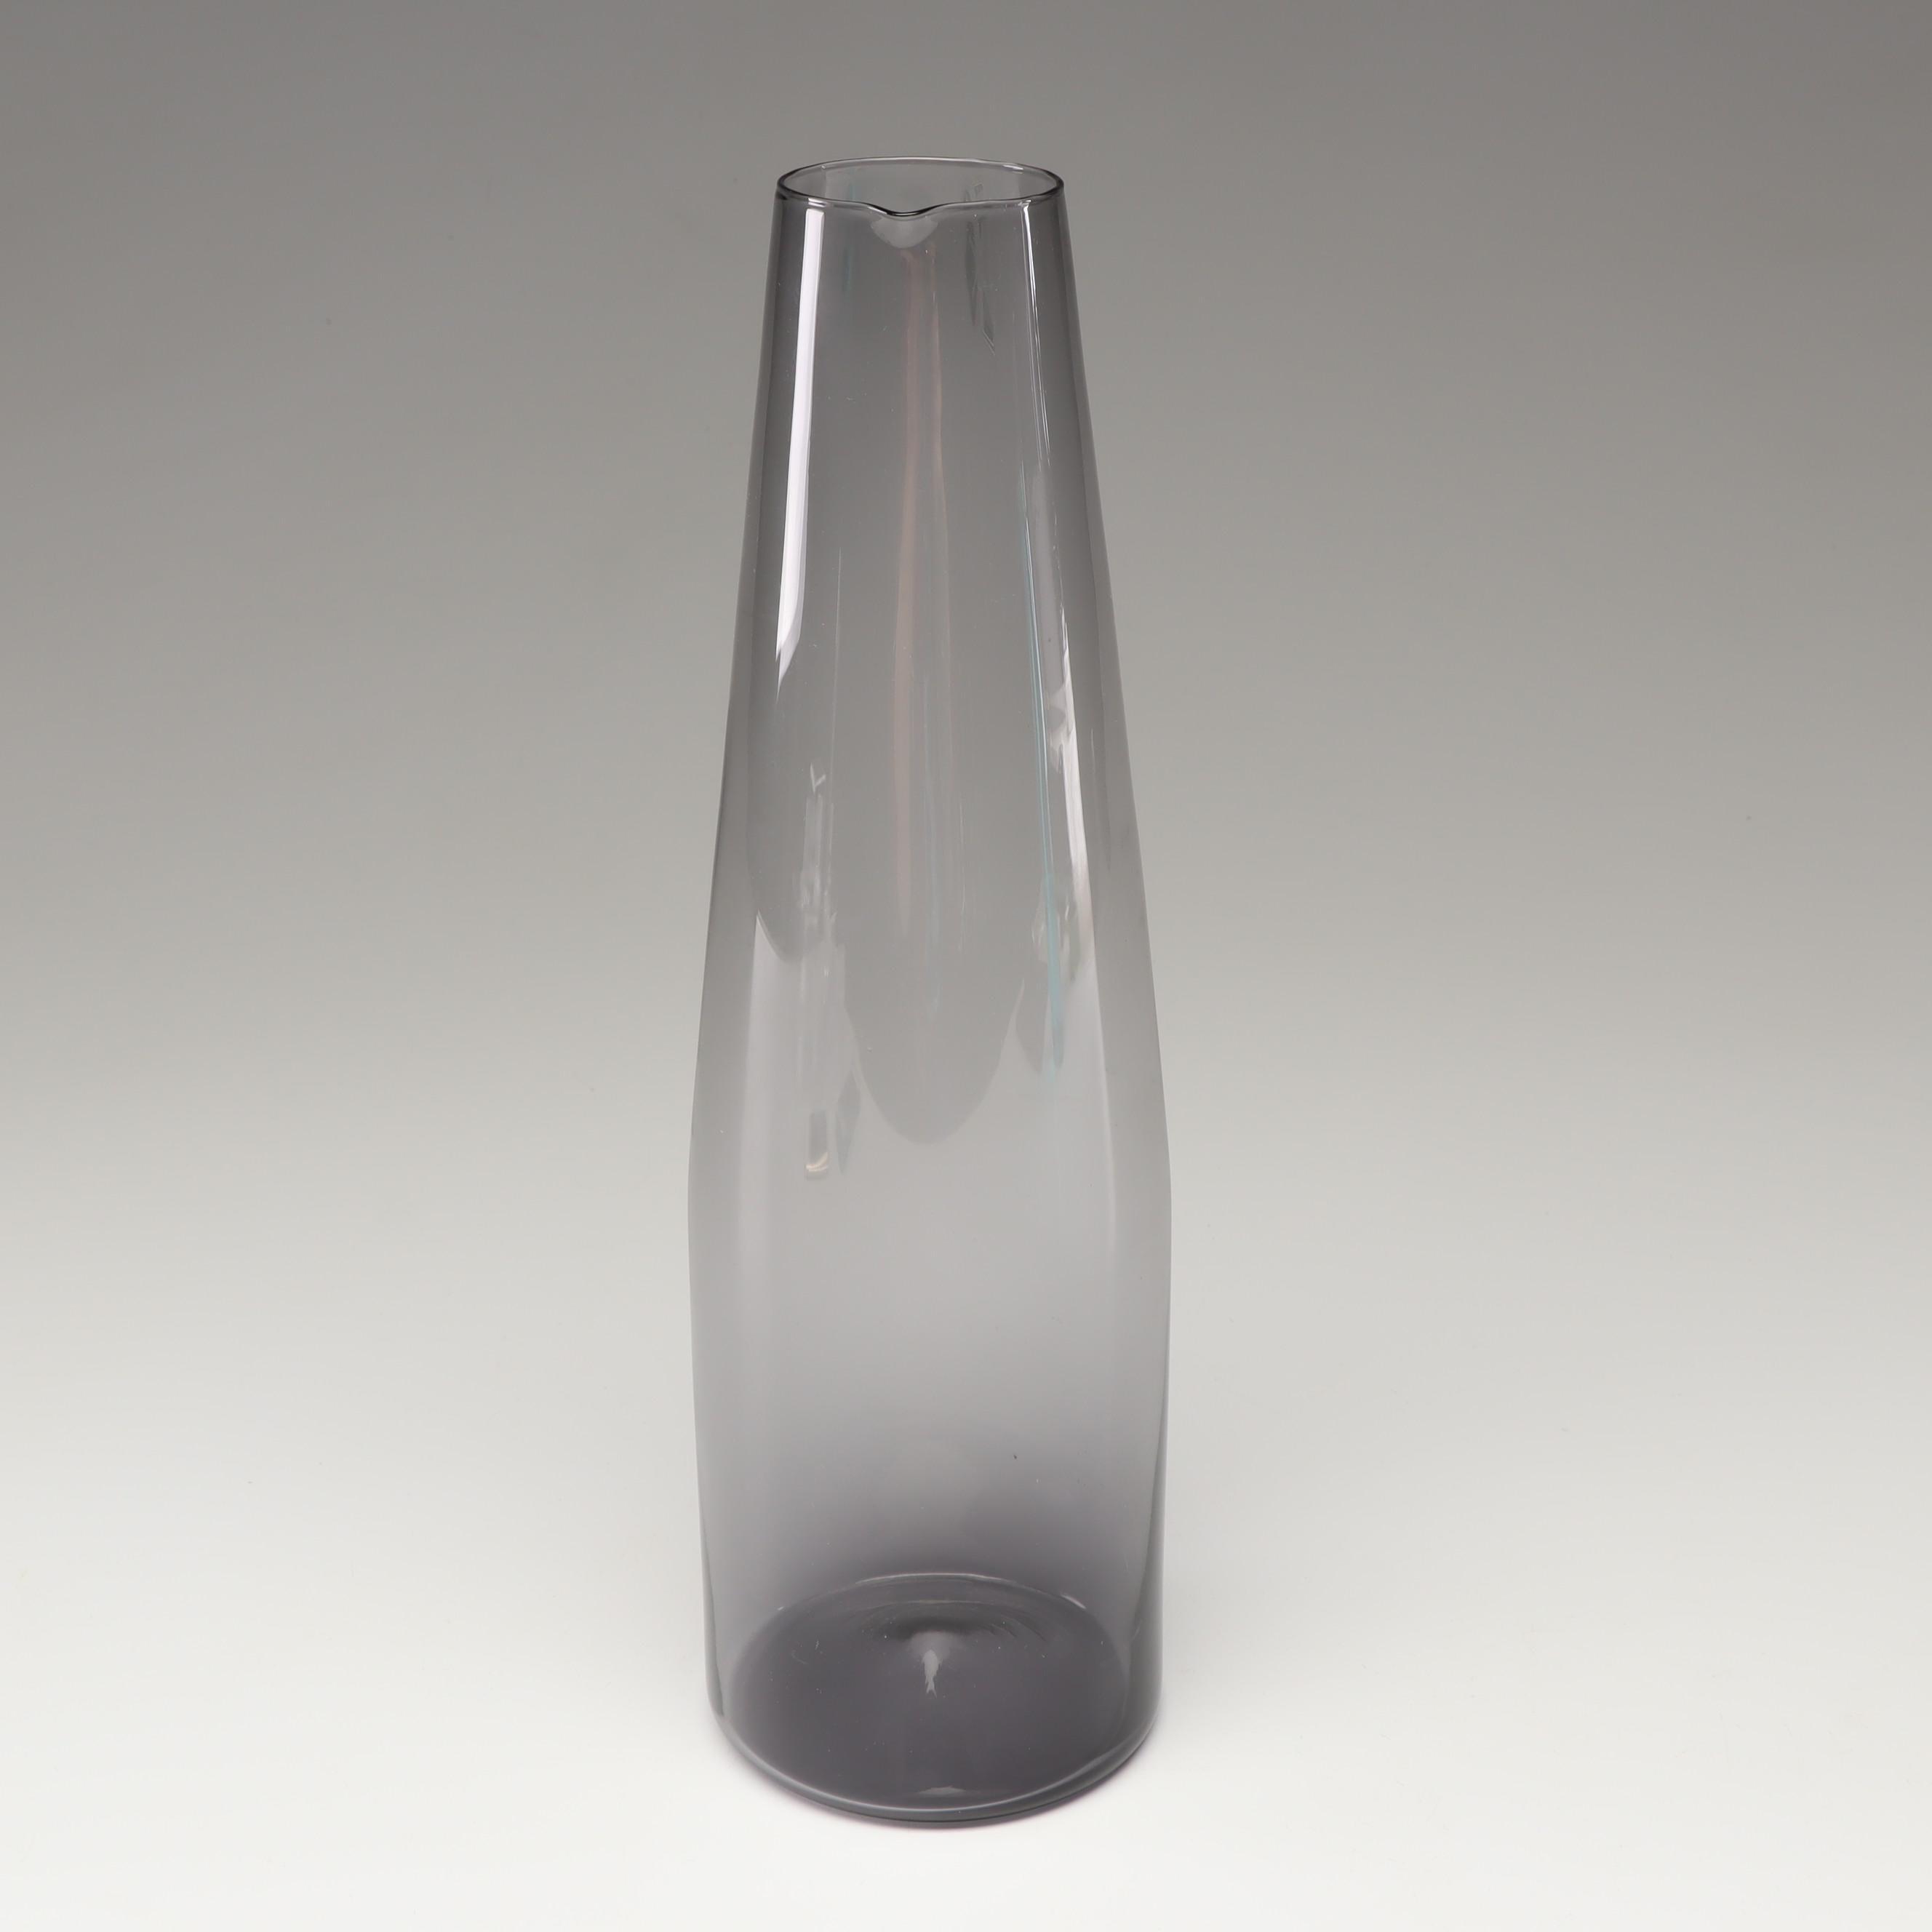 """Timo Sarpaneva """"i-glass"""" Glass Decanter for Iittala, Mid-Century"""